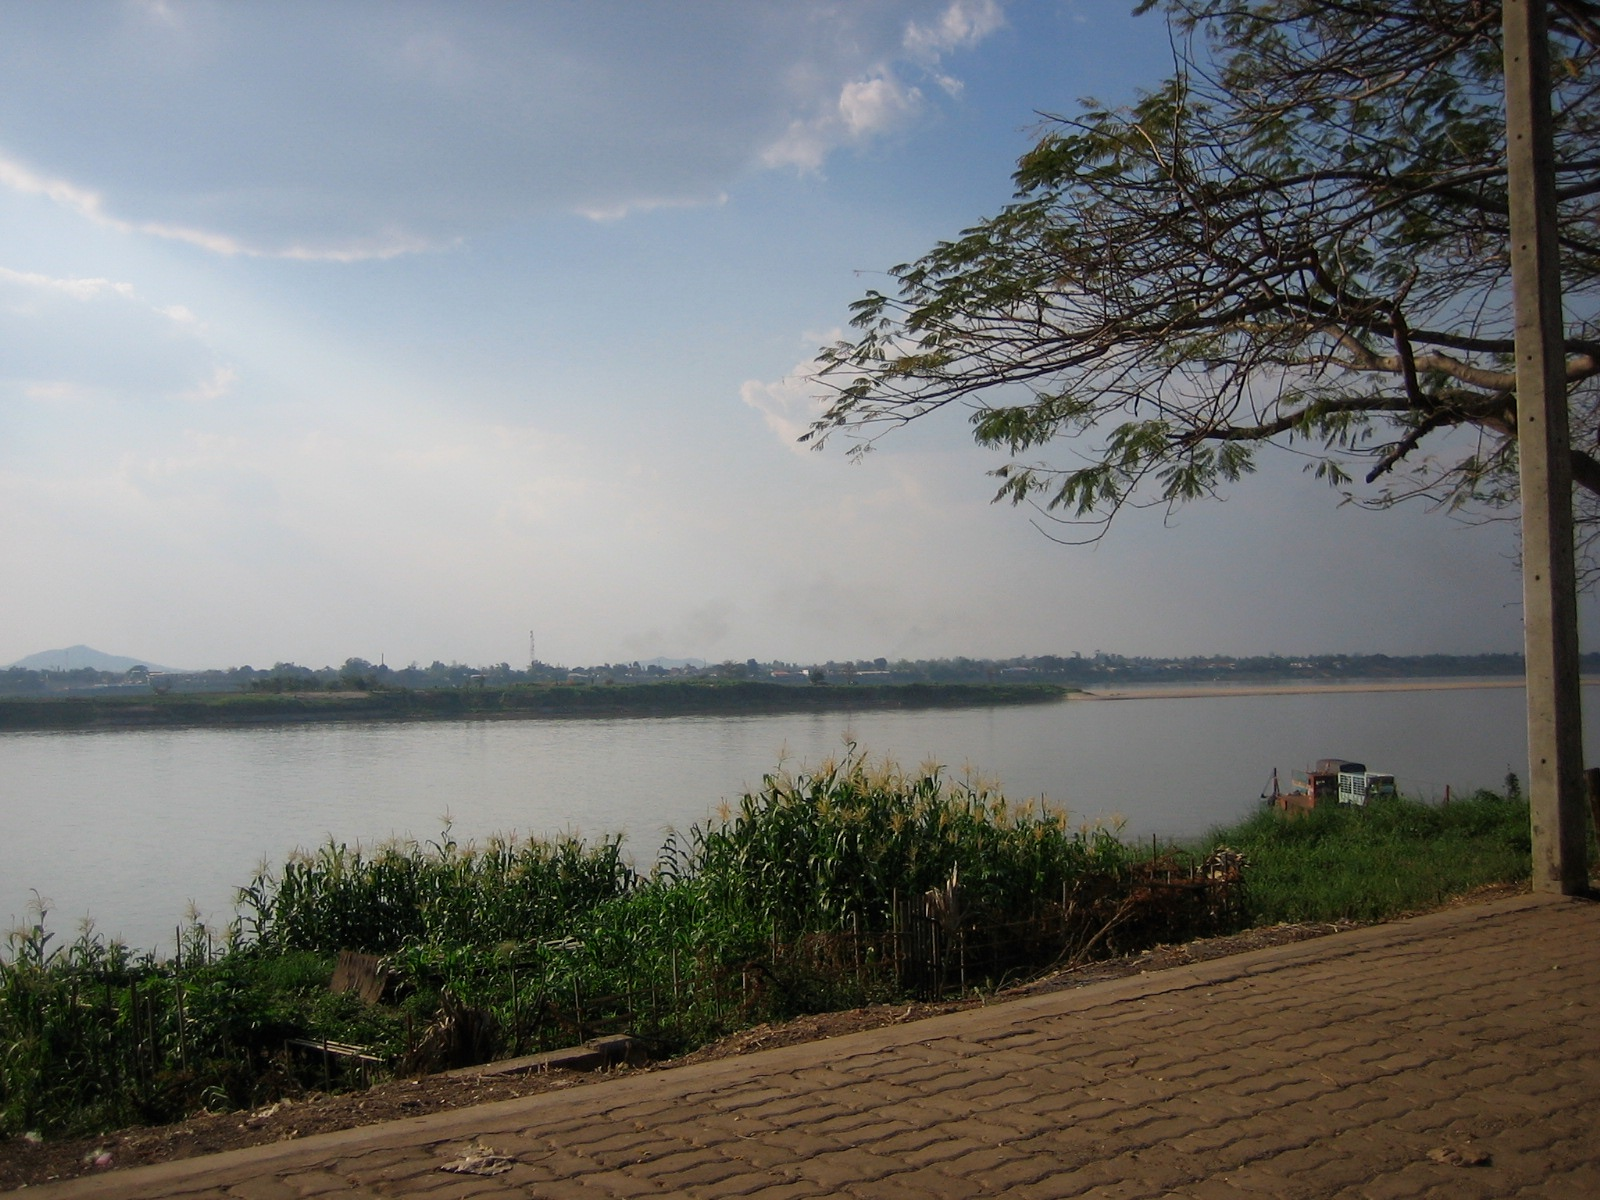 サバナケットのメコン川沿い